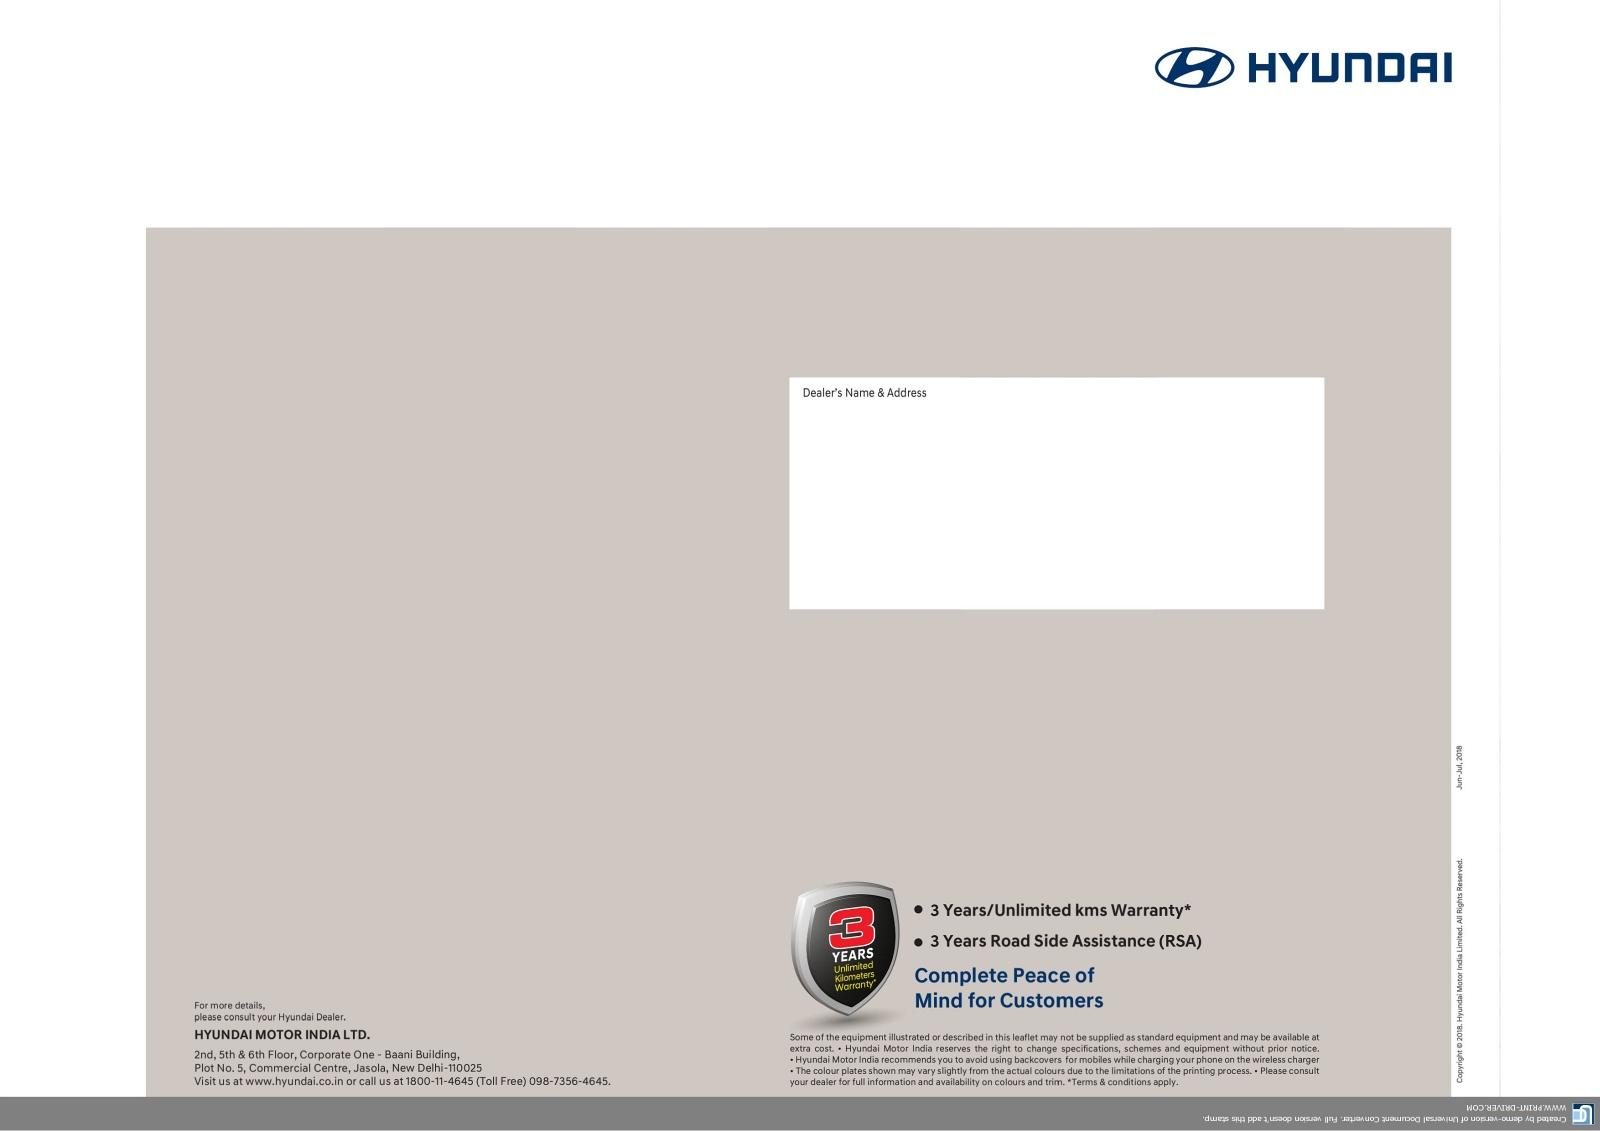 Hyundai Creta Price In India, Variants, Specifications